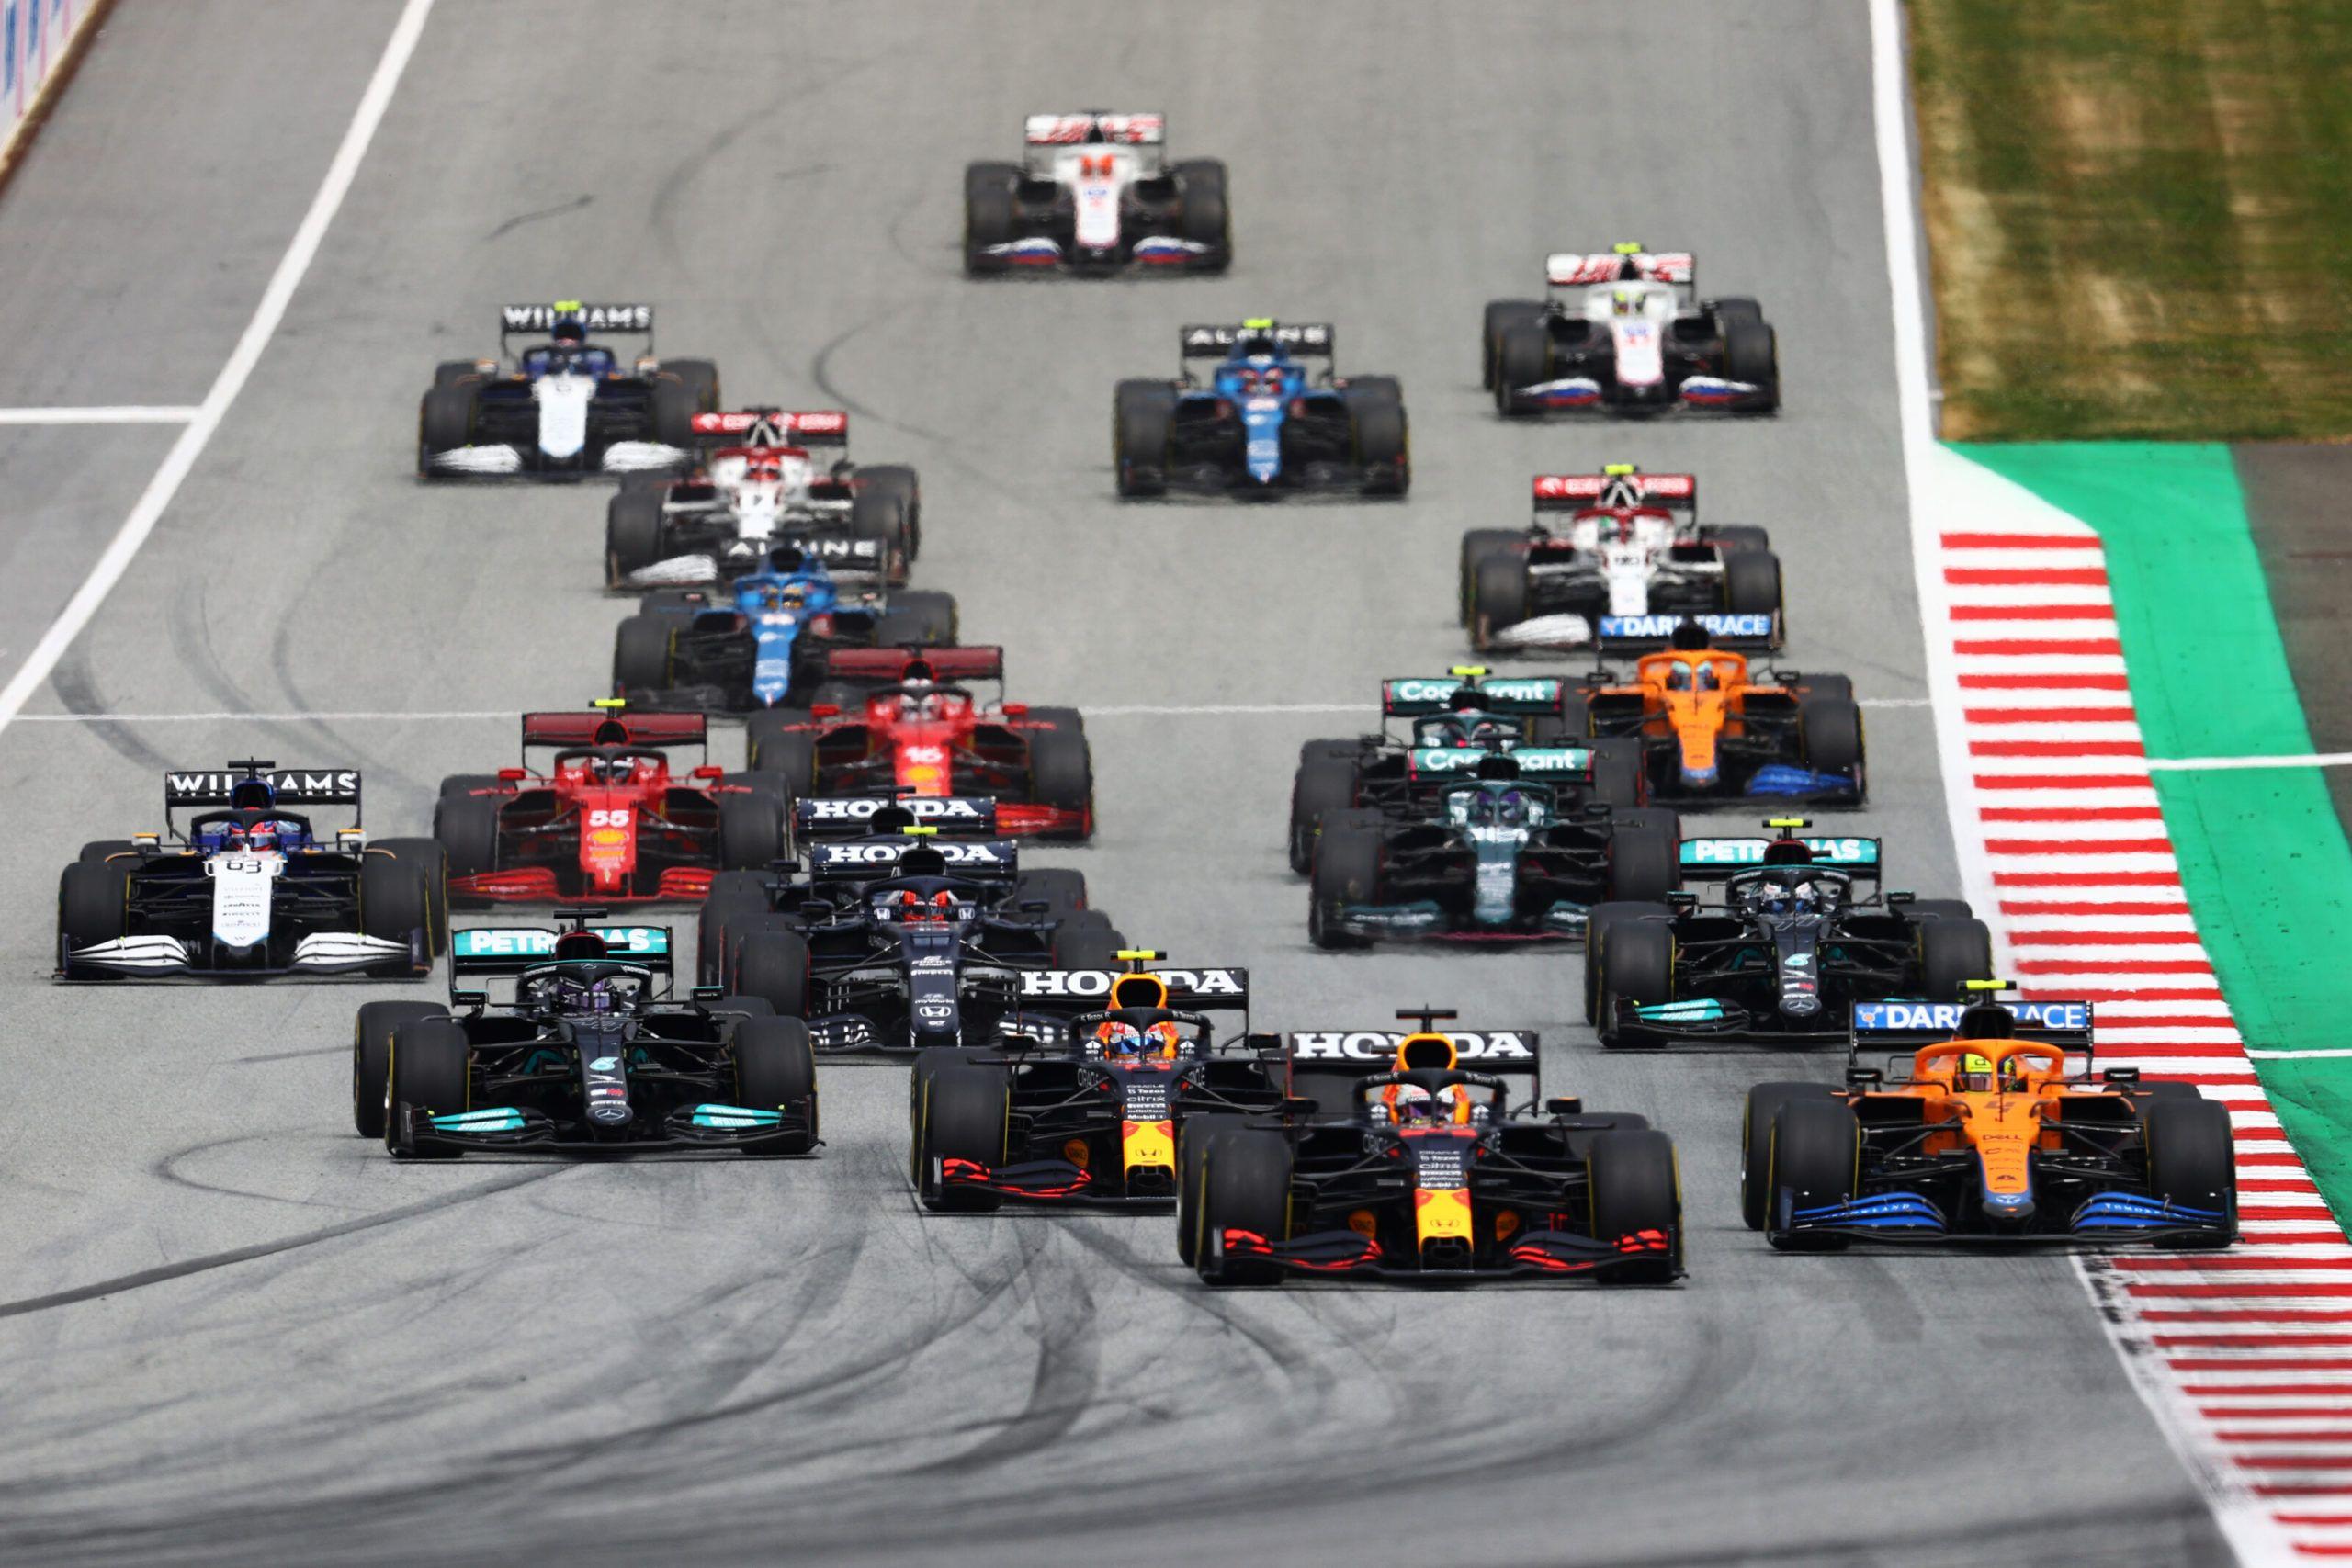 Mercedes, Red Bull, Honda, Toto Wolff, Christian Horner, F1